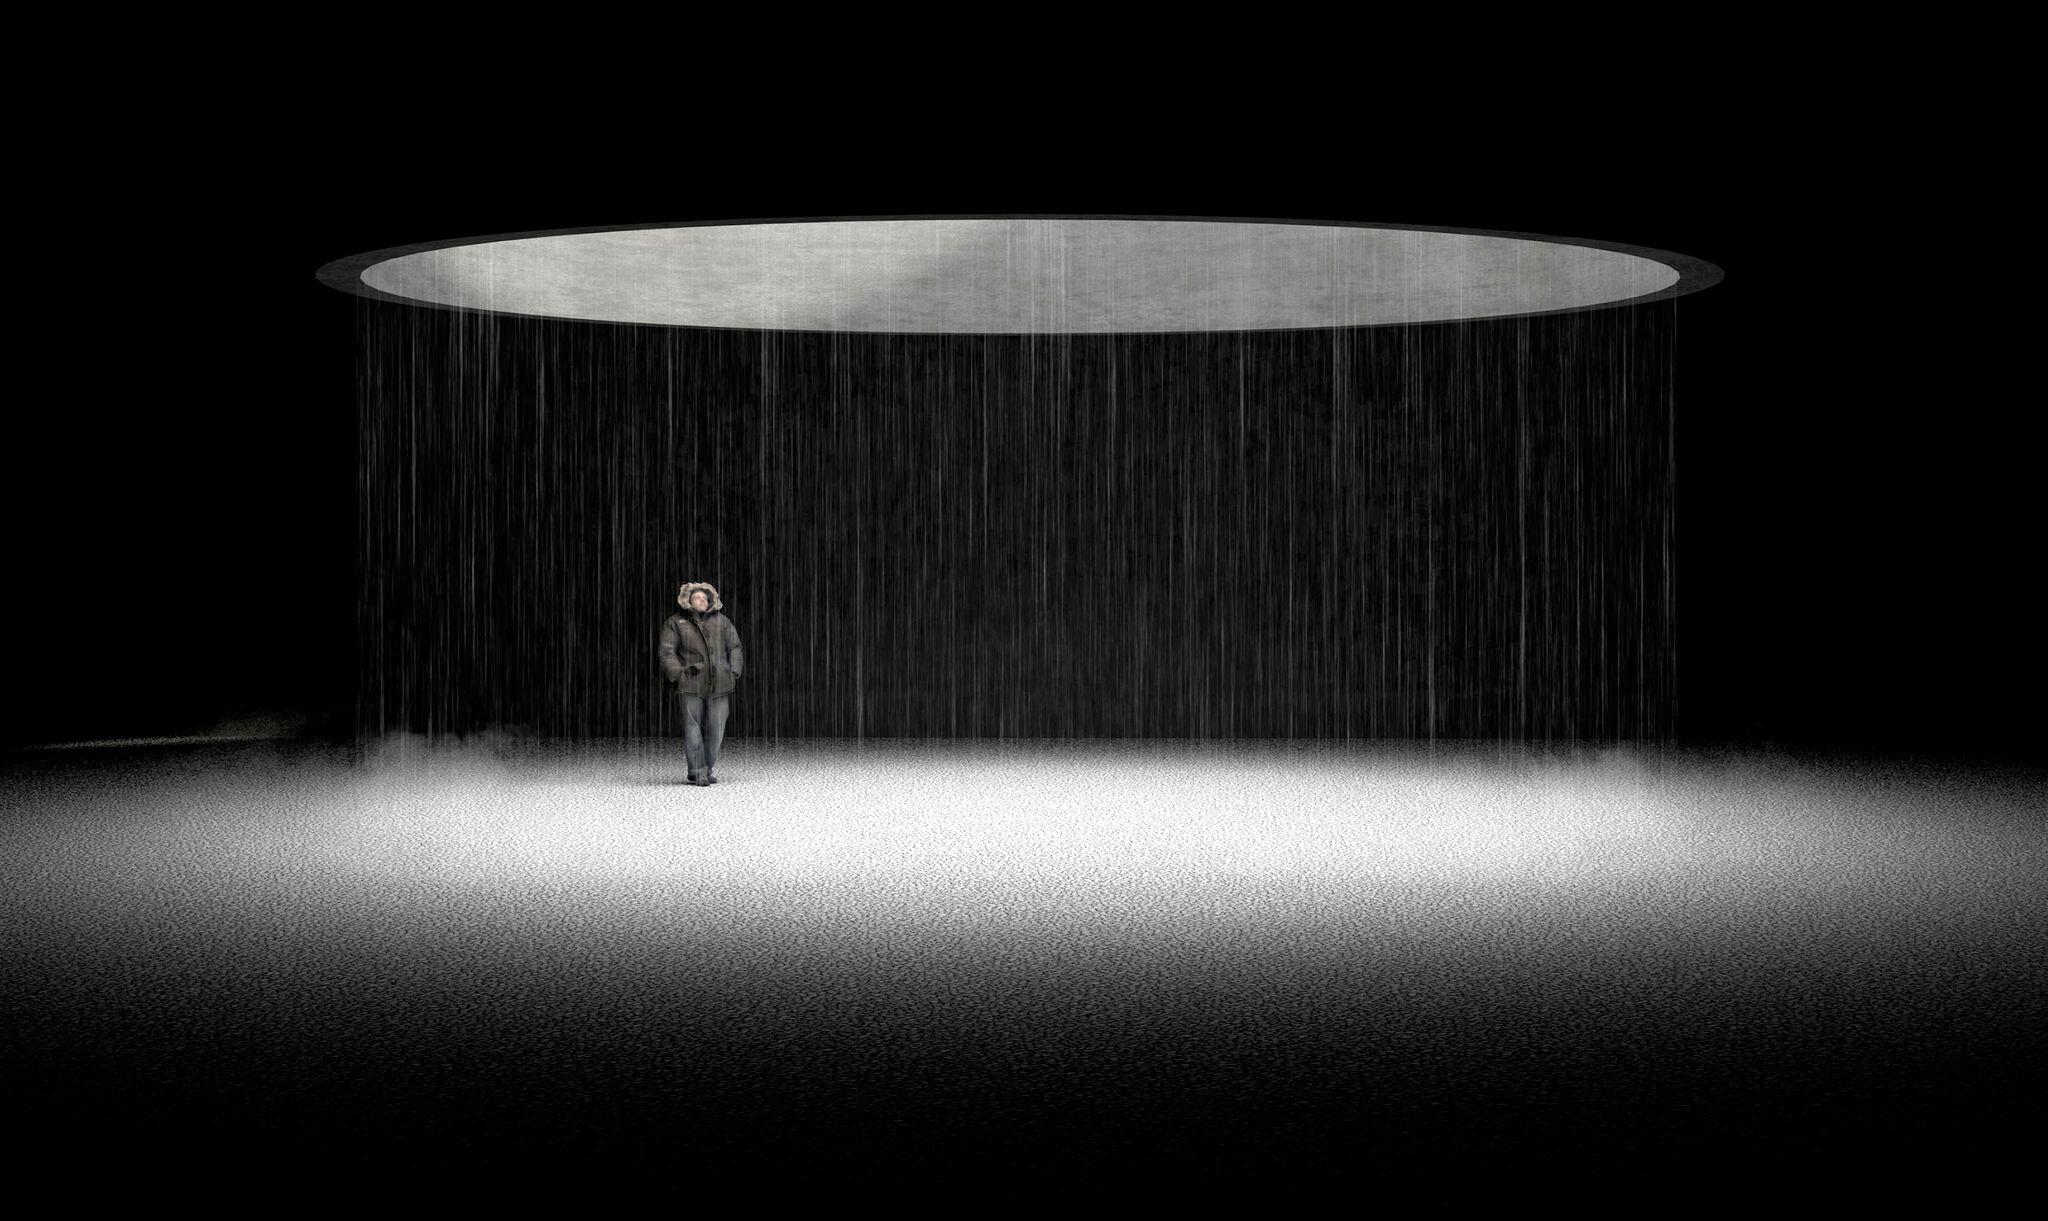 """Teilansicht des Projekts """"Genius Vacui. about emptiness, void and absence"""" von Tobias Rabold"""